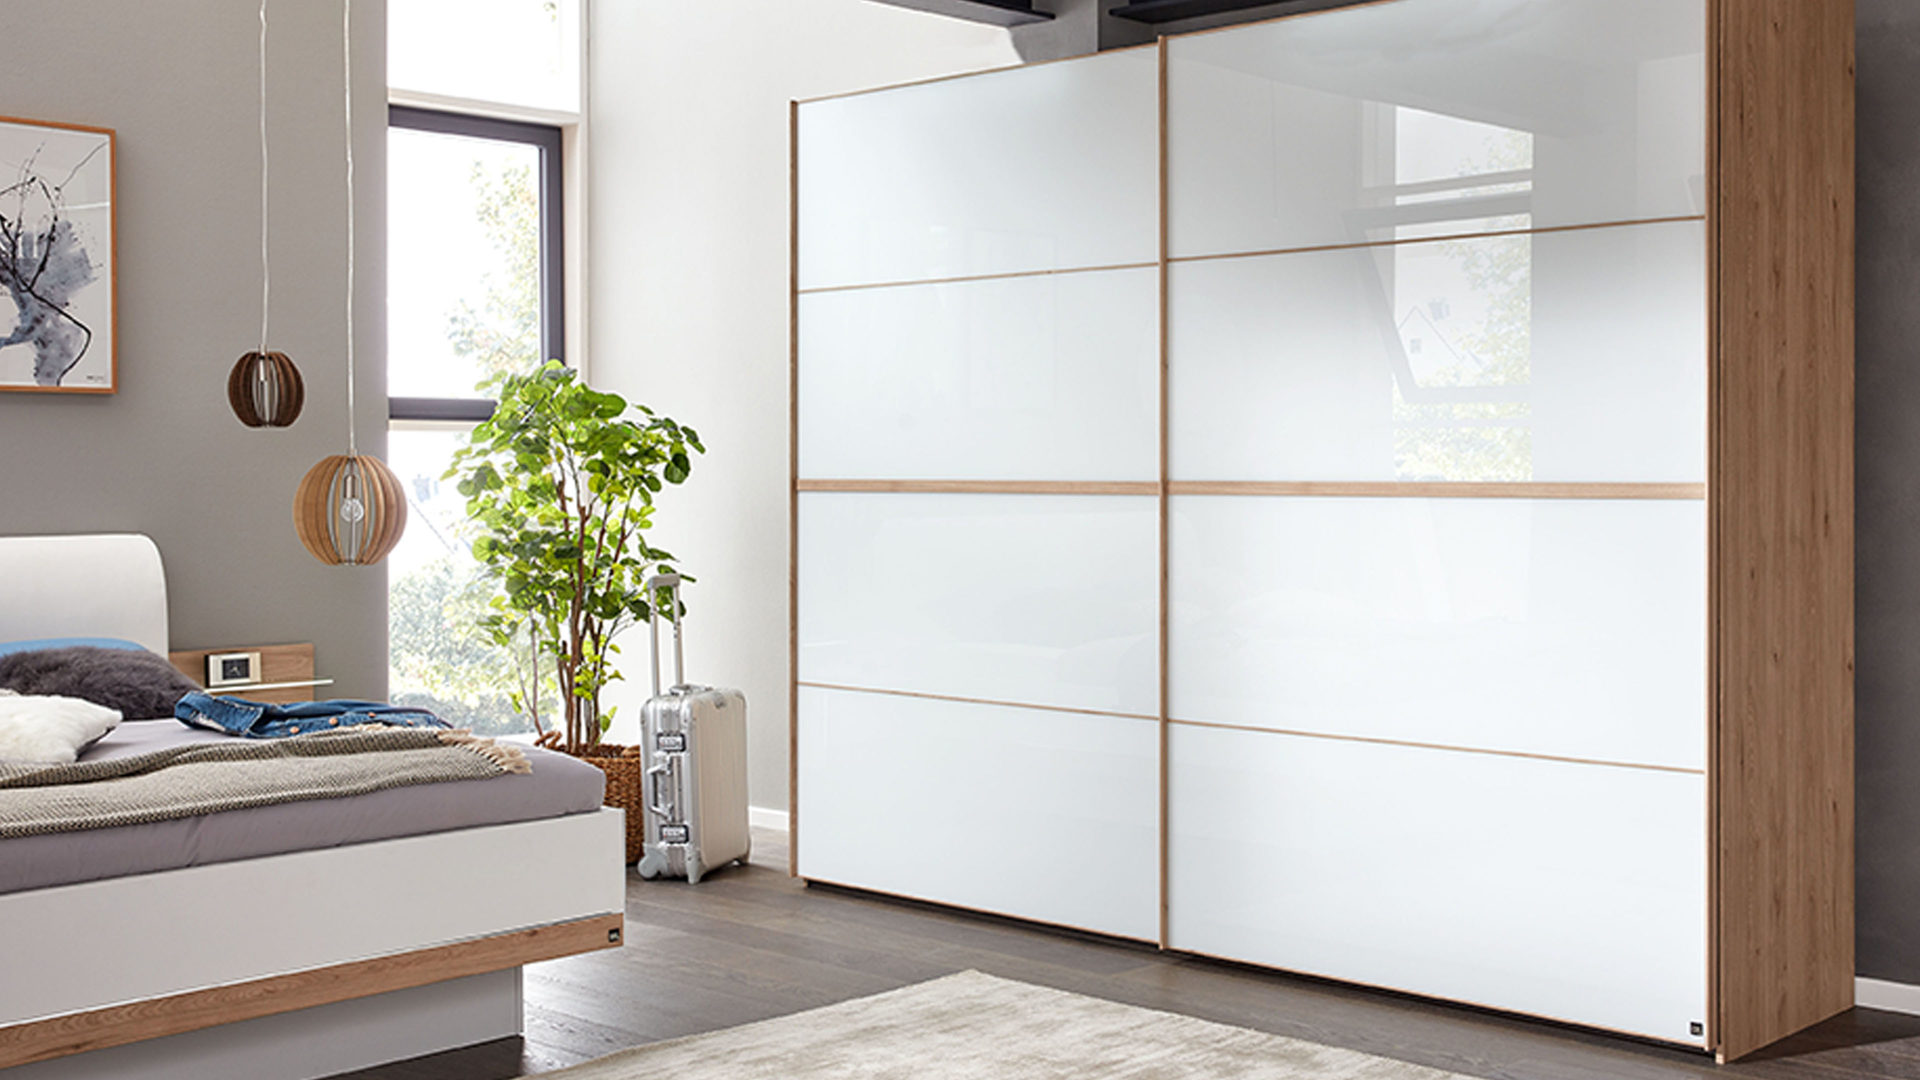 Interliving Schlafzimmer Serie 1010 – Schwebetürenschrank, weißes Glas &  Jackson eichefarbene Kunststoffoberflächen – Bre